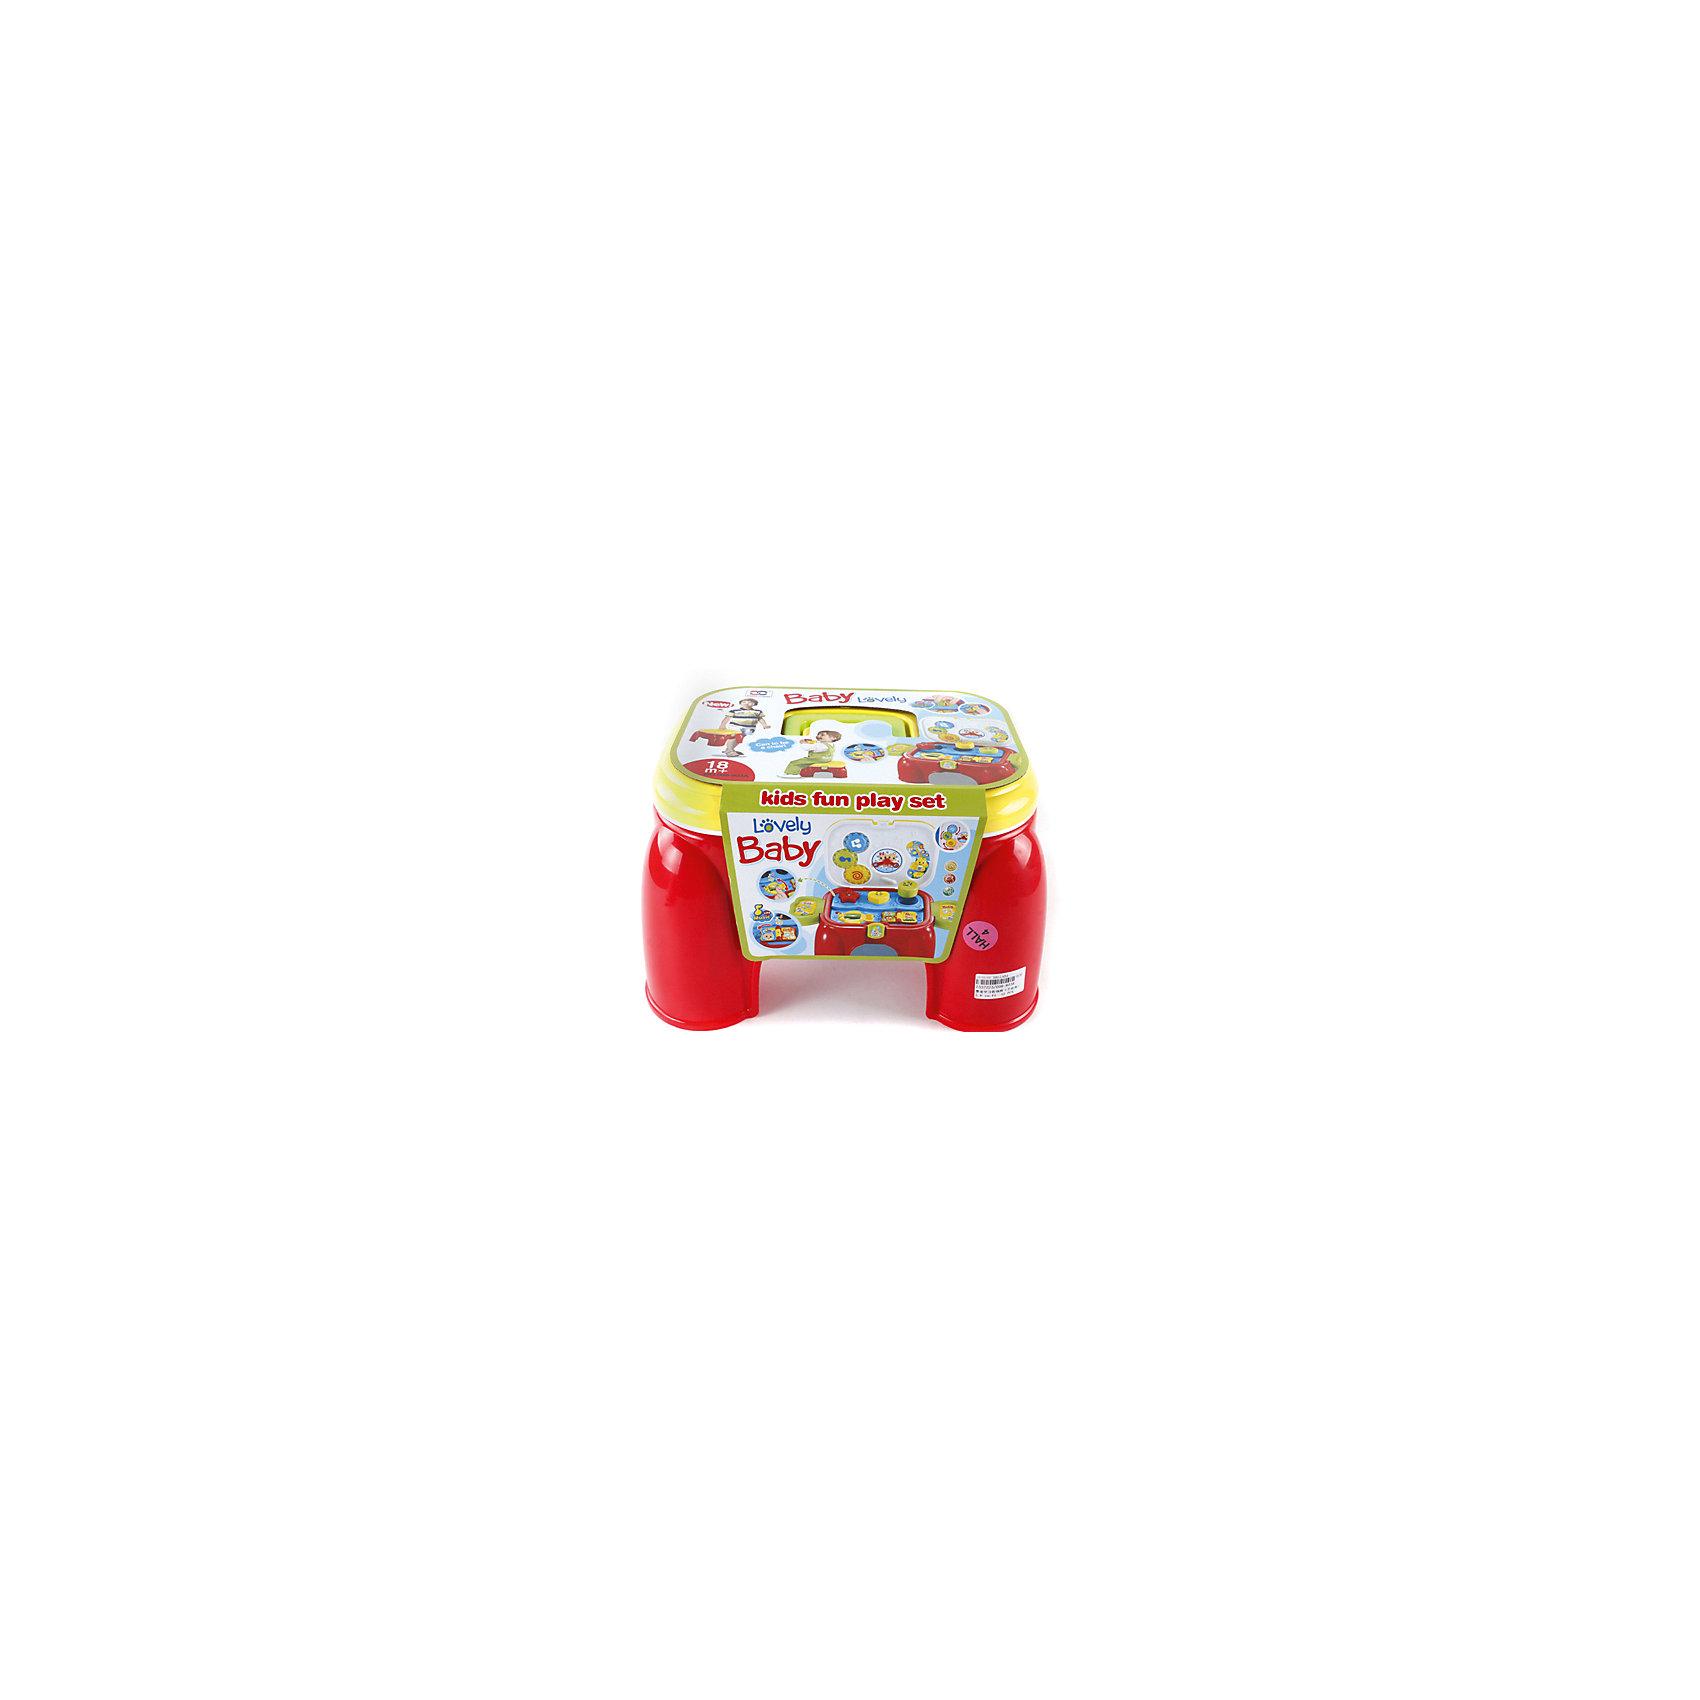 Игровой центр Стульчик-чемодан, Shantou GepaiИгровой центр Стульчик-чемодан, Shantou Gepai – это веселый стульчик-игрушка, с которым так весело играть и развиваться! Стульчик легко переносить с места на место за удобную ручку вверху, а открывая крышку малышу предстанет целый набор веселых игрушек со световыми и звуковыми эффектами. Внутри чемоданчика имеется часовой механизм, показывая малышу что же такое время с помощью стрелок. Также имеется обучающие звуковые программы на английском языке. Дополнительно имеется крутящийся барабан, забавная рыбка со звуком развлечет малыша и он будет играть с чемоданчиком снова и снова! Функции чемоданчика помогут развить моторику рук, координацию движения, память, внимание и воображение.<br><br>Дополнительная информация:<br><br>- В комплект входит: 1 стульчик-чемодан<br>- Материал: АБС пластик<br><br>Игровой центр Стульчик-чемодан,Shantou Gepai можно купить в нашем интернет-магазине.<br><br>Подробнее:<br>• Для детей в возрасте: от 18 месяцев до 3 лет<br>• Номер товара: 4925508<br>Страна производитель: Китай<br><br>Ширина мм: 320<br>Глубина мм: 265<br>Высота мм: 200<br>Вес г: 2194<br>Возраст от месяцев: 0<br>Возраст до месяцев: 36<br>Пол: Унисекс<br>Возраст: Детский<br>SKU: 4925508